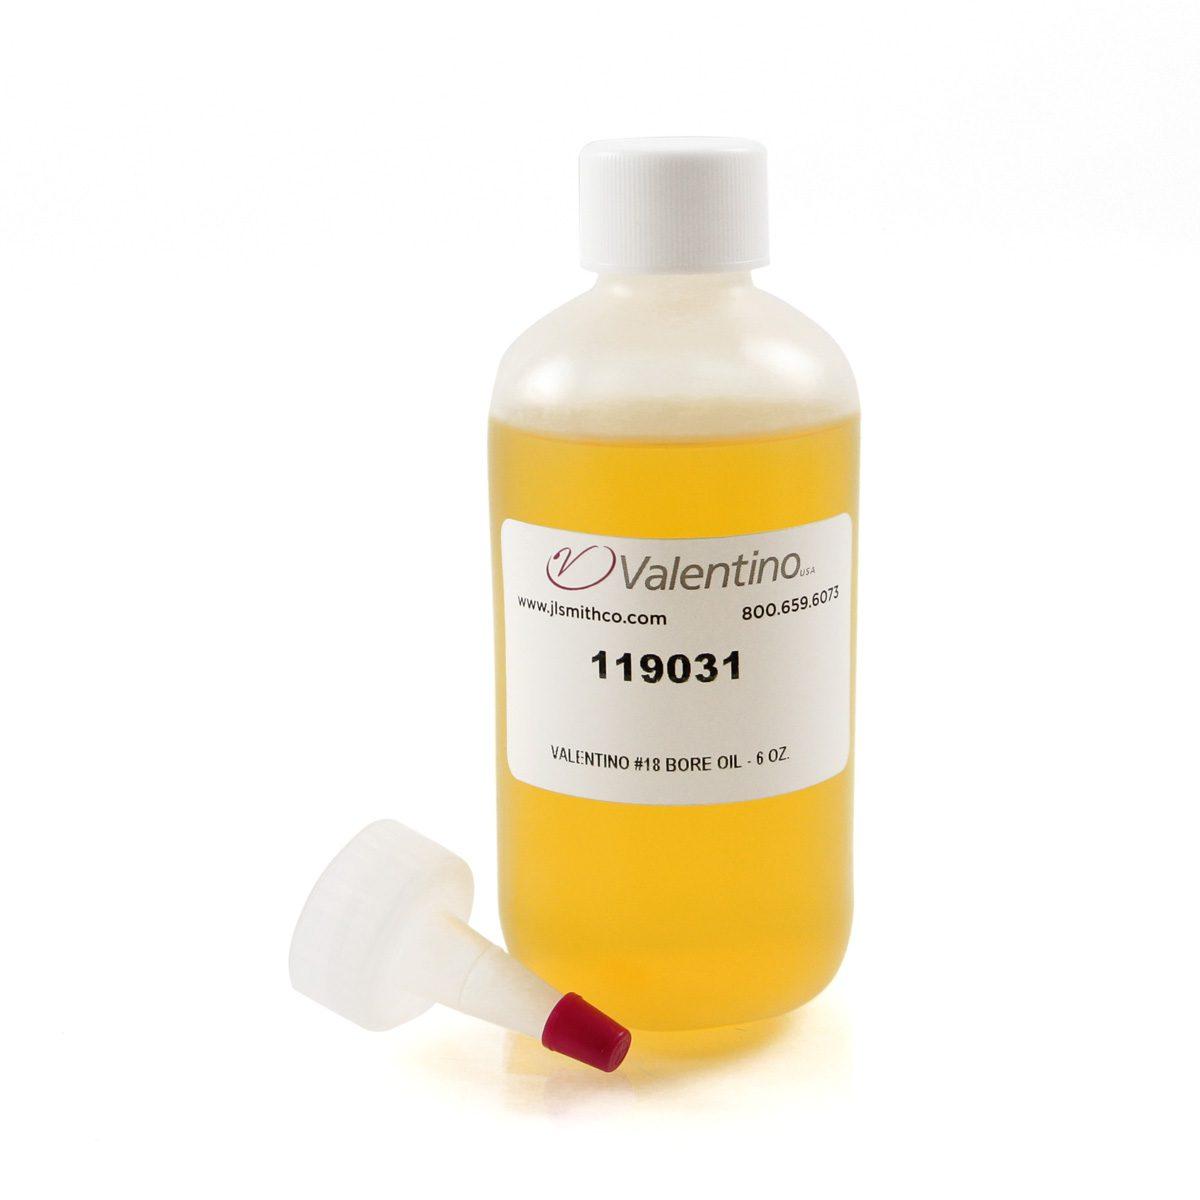 valentino 18 bore oil 6 oz shop size 1